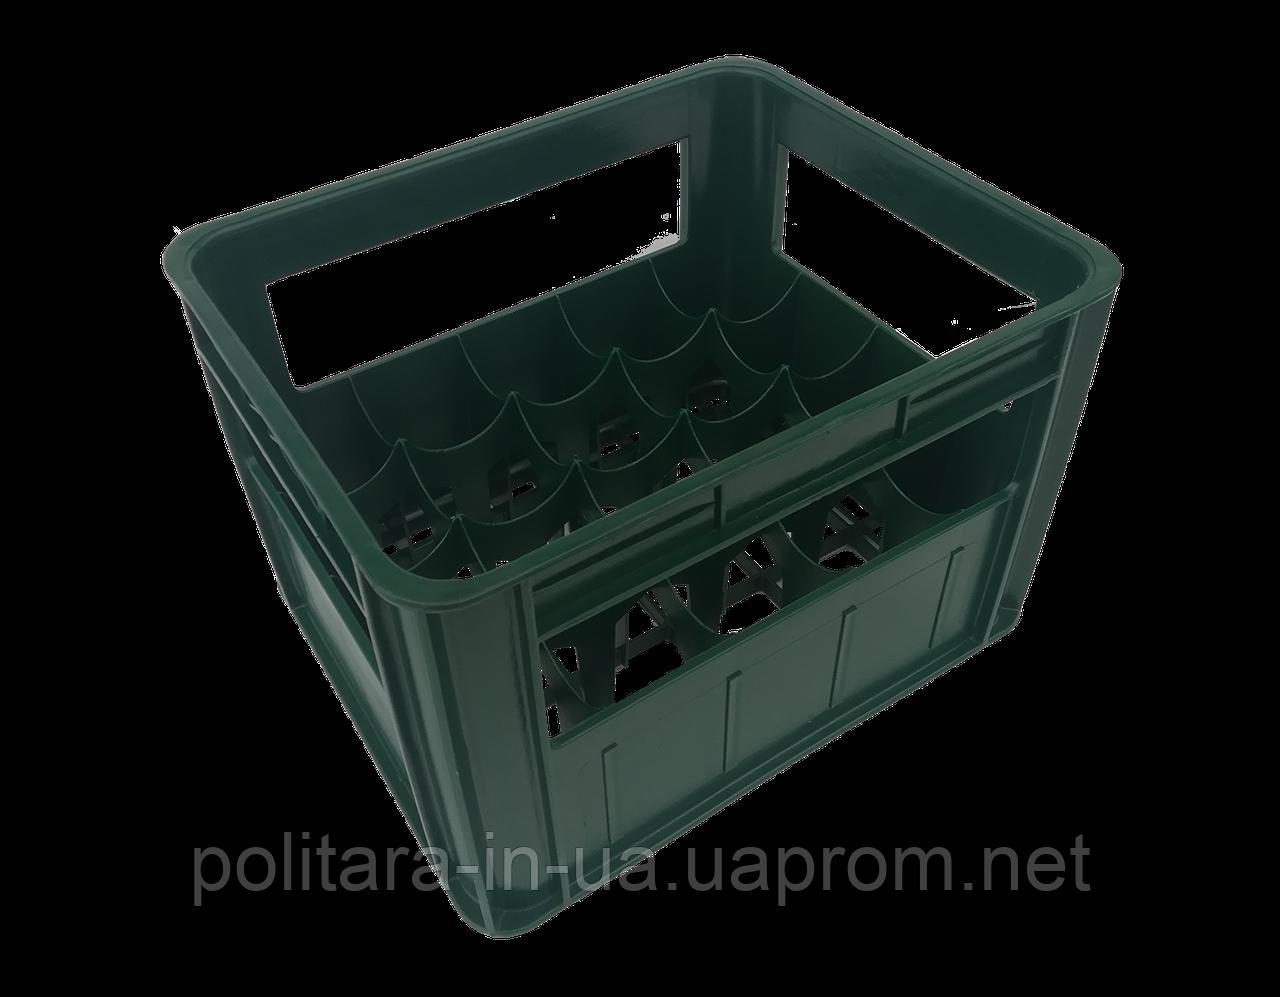 Ящик на 20 ячеек под бутылки с лого упрочненный с повышенной устойчивостью композит полиэтилен